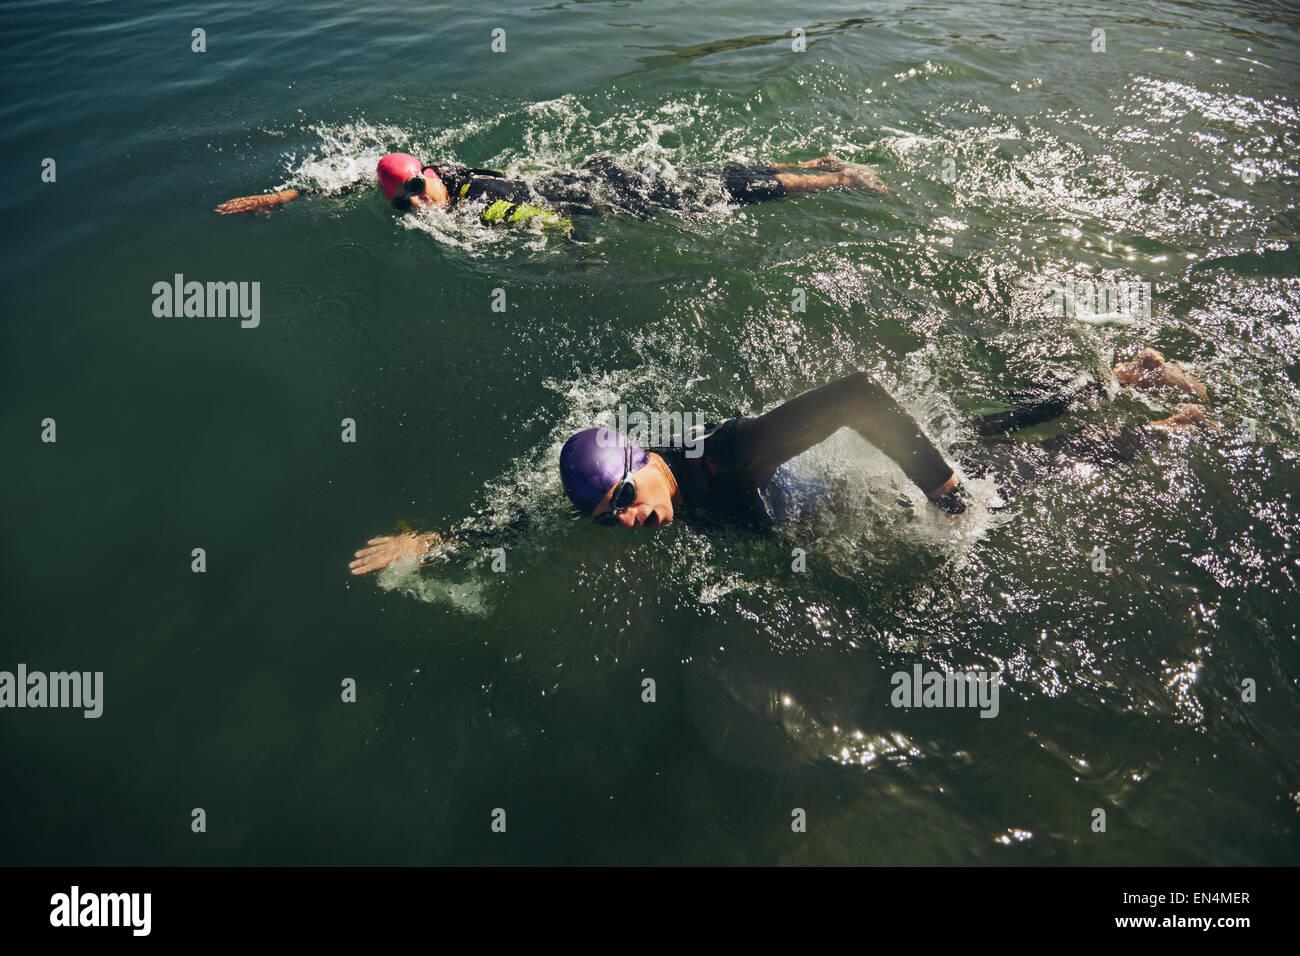 Los competidores luchan en el caso de natación Triatlón de la competencia. Imagen De Stock